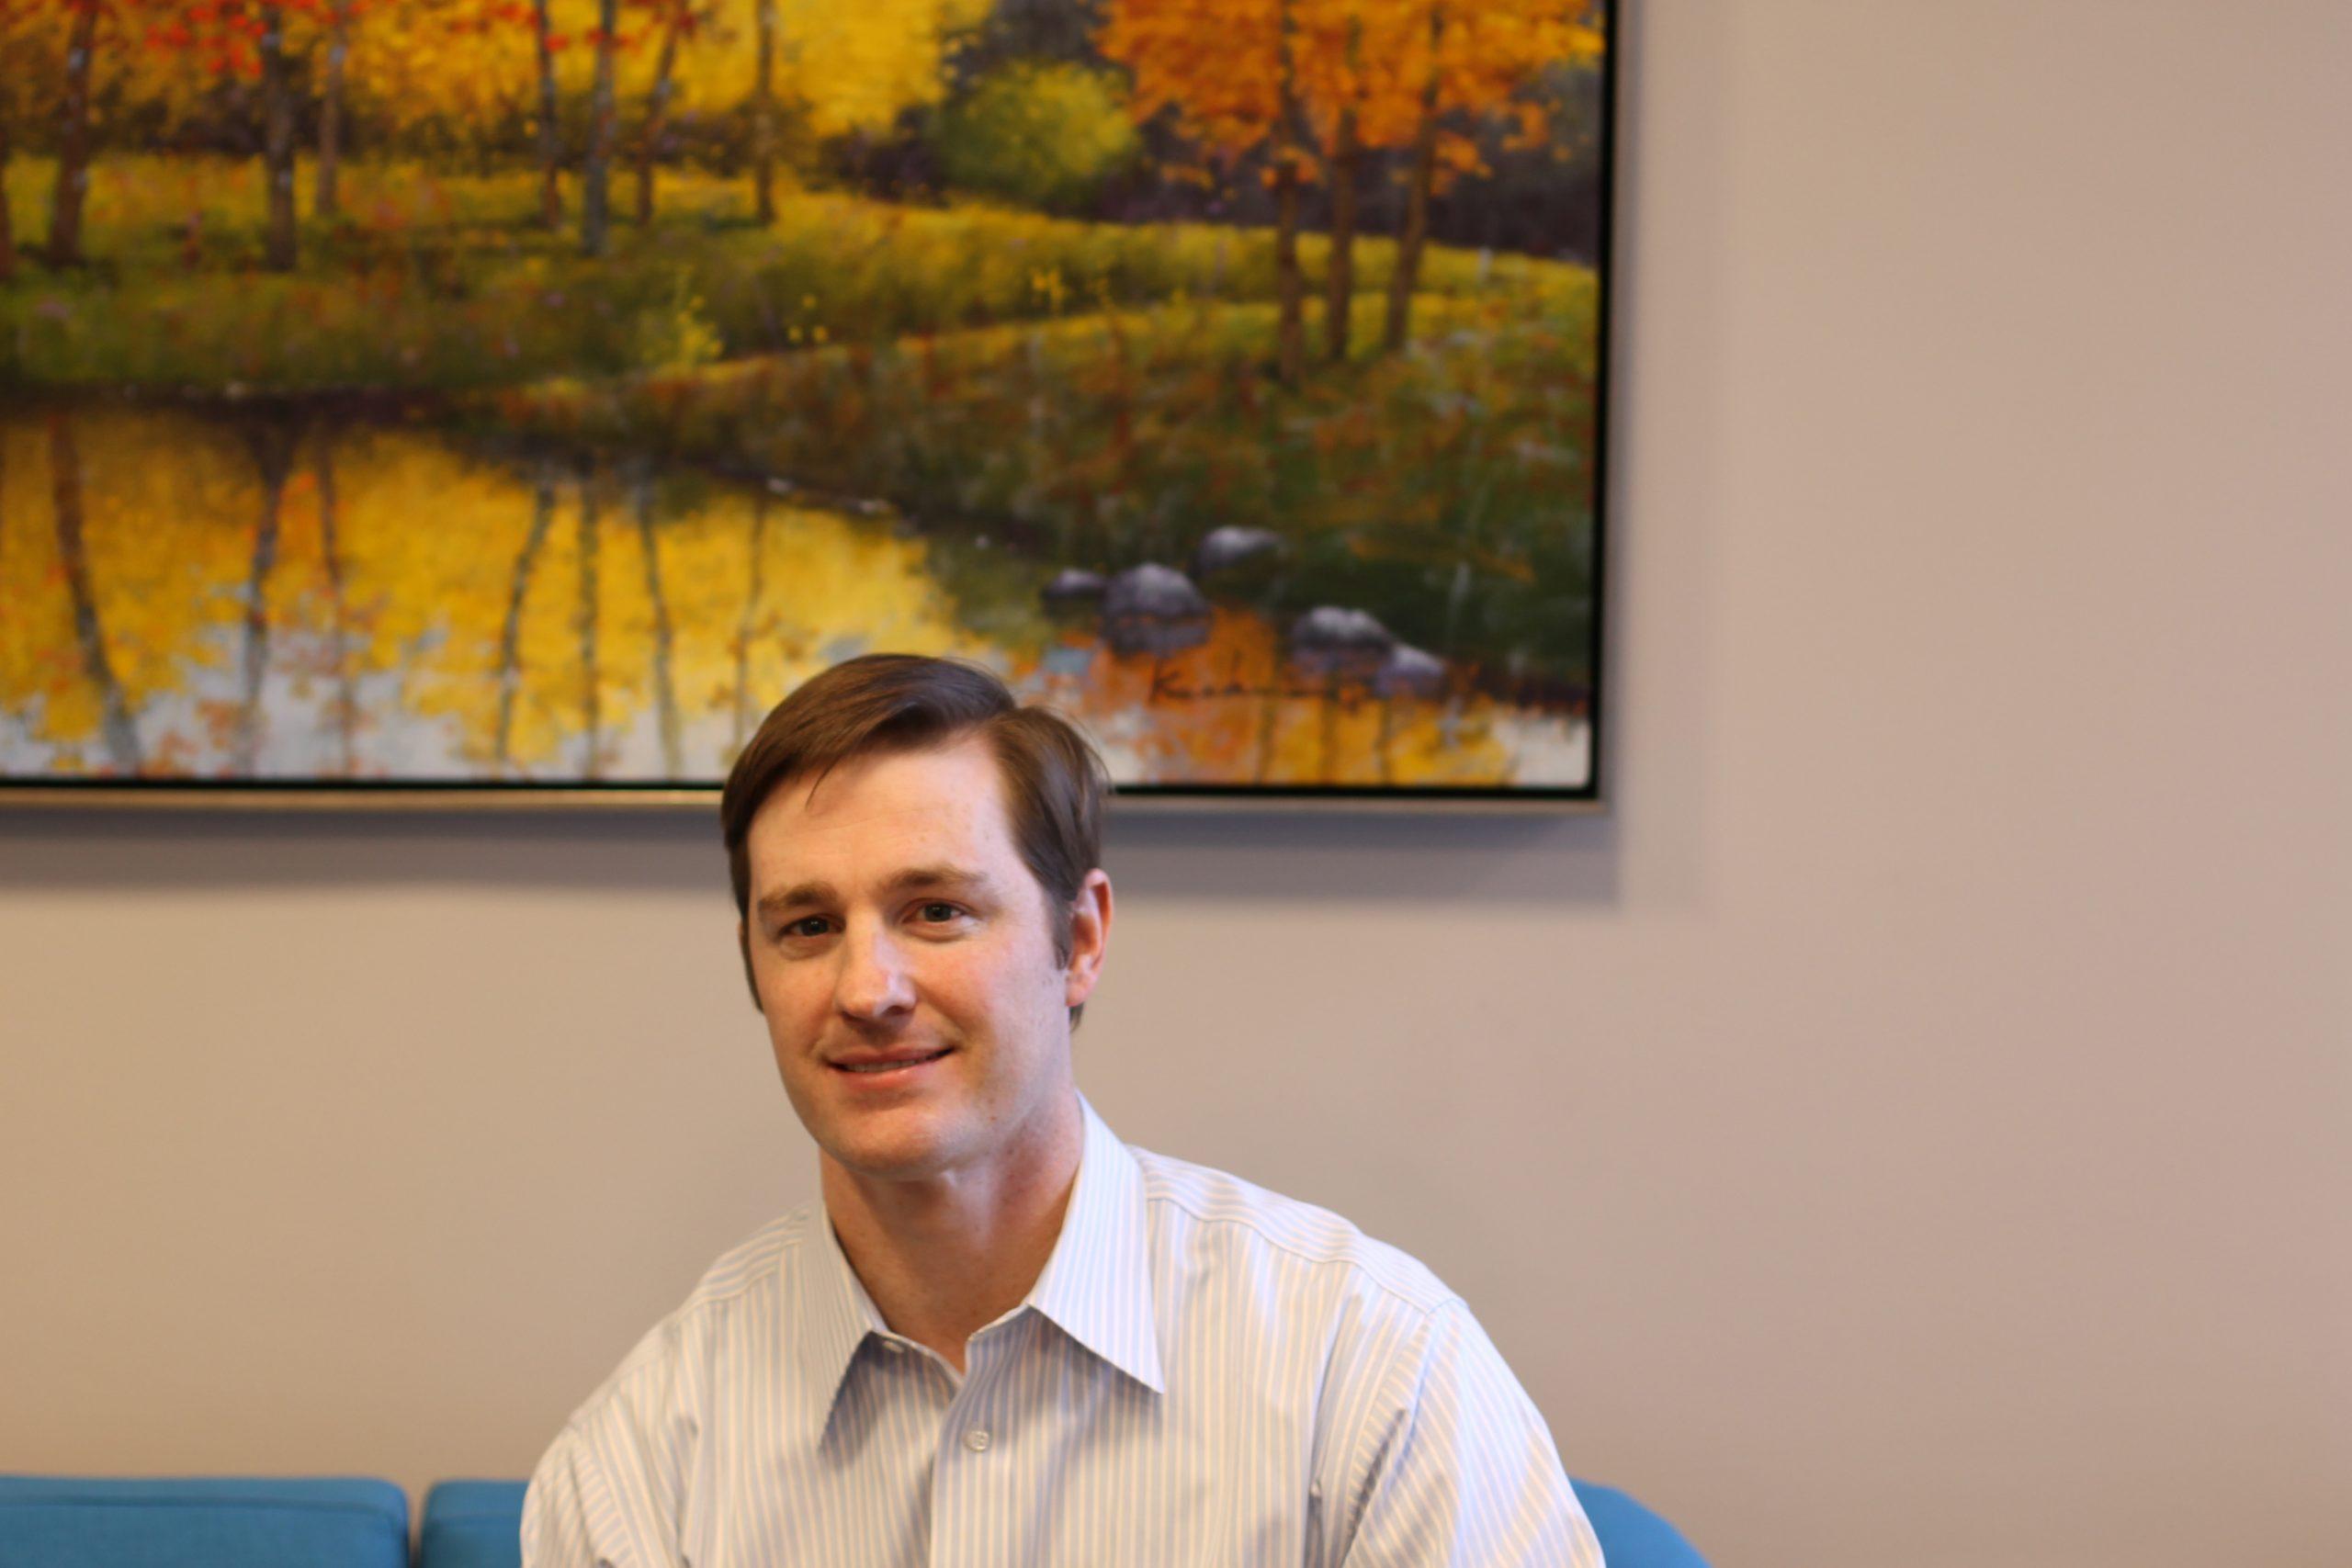 Dan Weaver, Board of Directors The Children